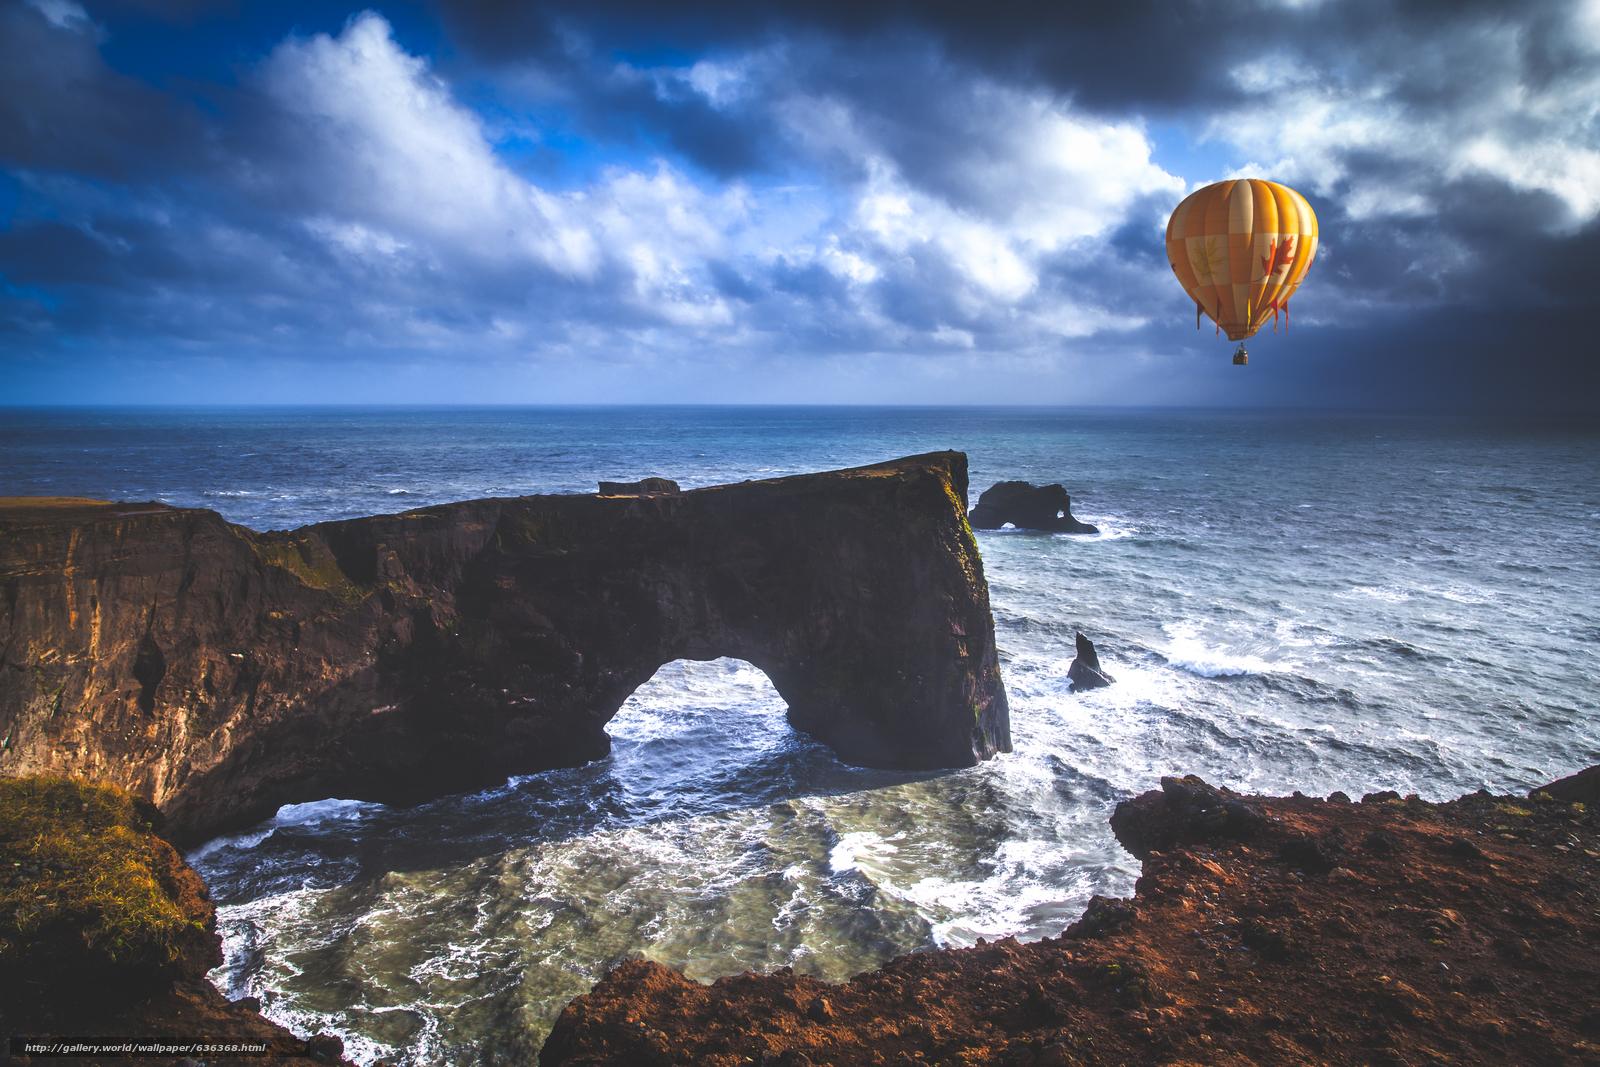 Скачать обои море,  скала,  арка,  воздушный шар бесплатно для рабочего стола в разрешении 5425x3619 — картинка №636368